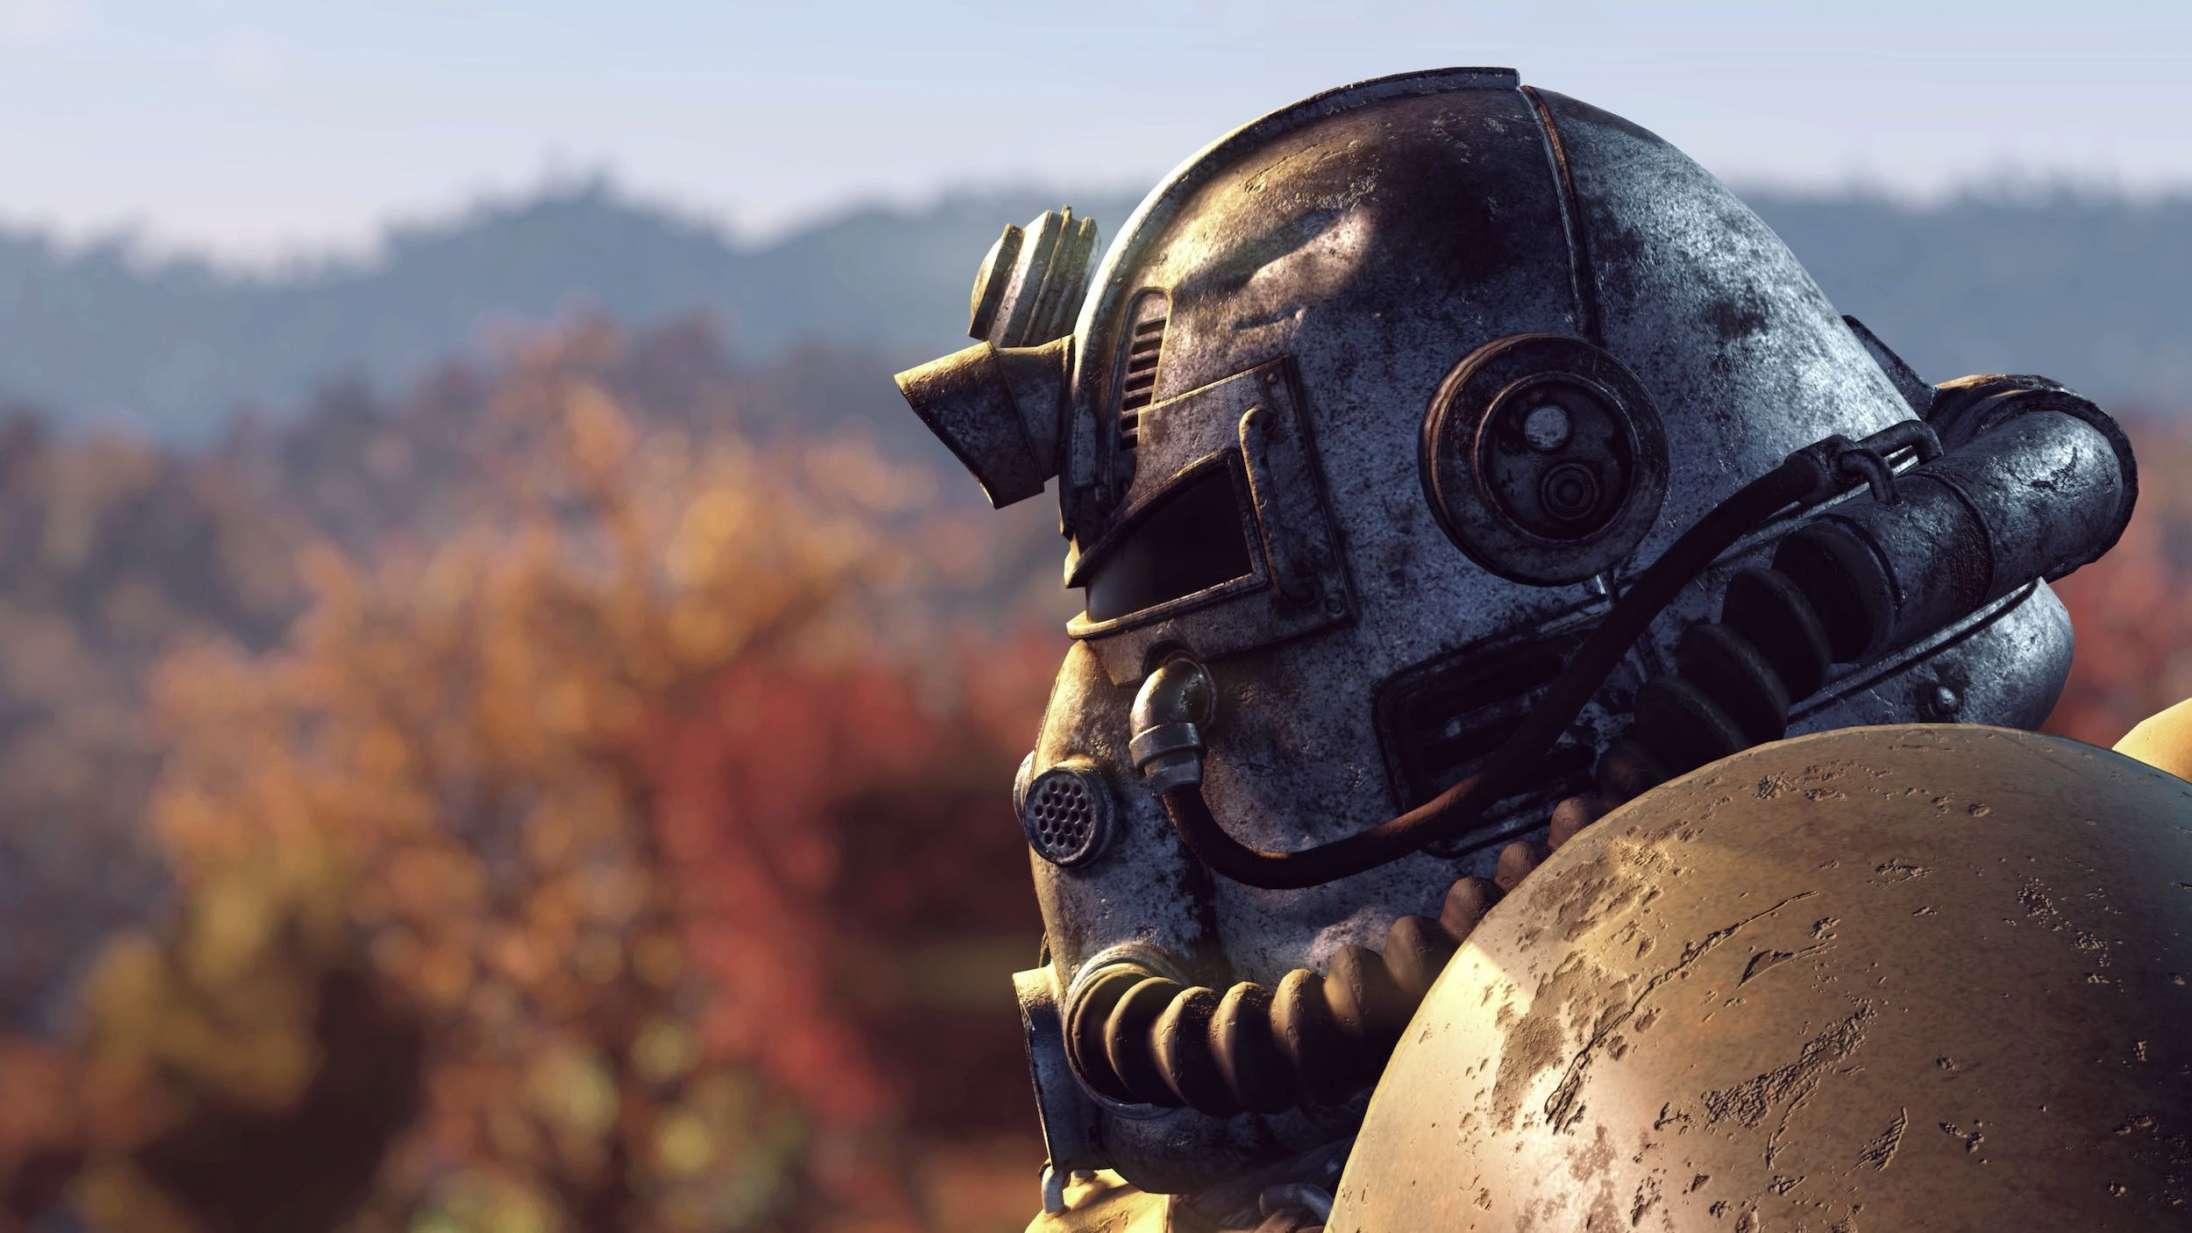 Facebook bandlyser gaming-gruppe: 'Fallout'-rollespil forveksles med milits